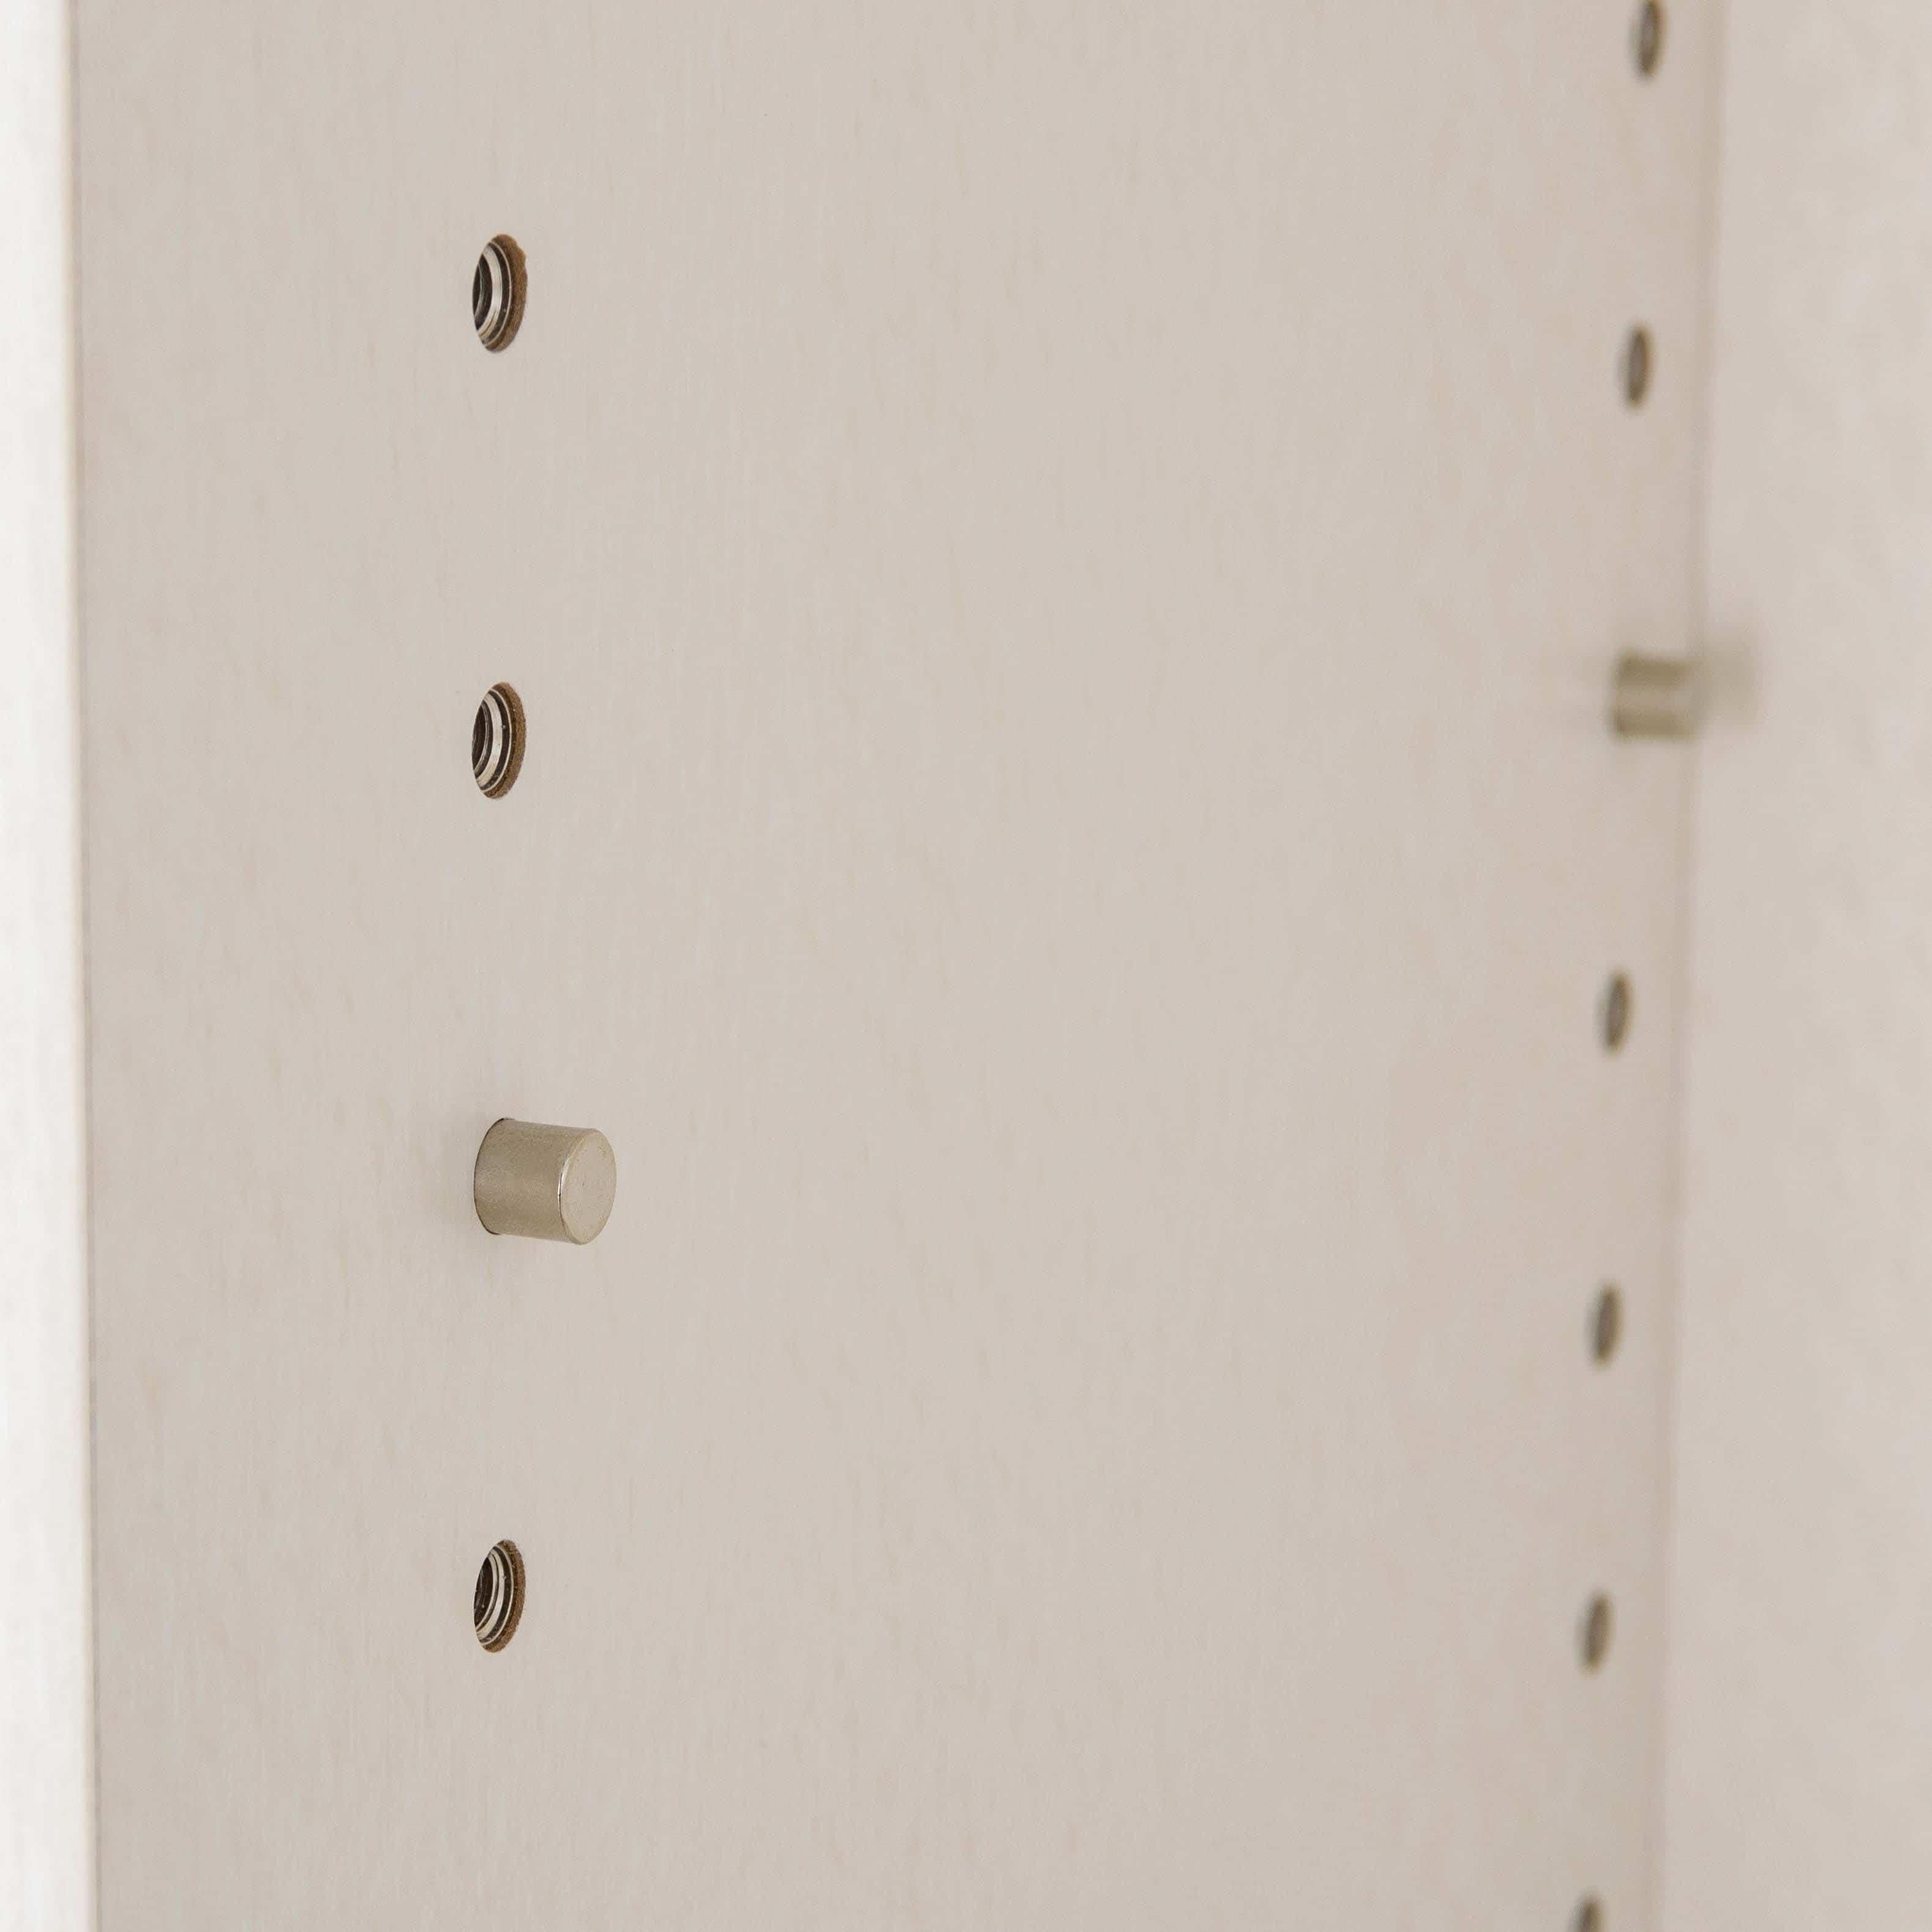 小島工芸 上置 アコード115A(ホワイト):キレイに収まる魅せる収納